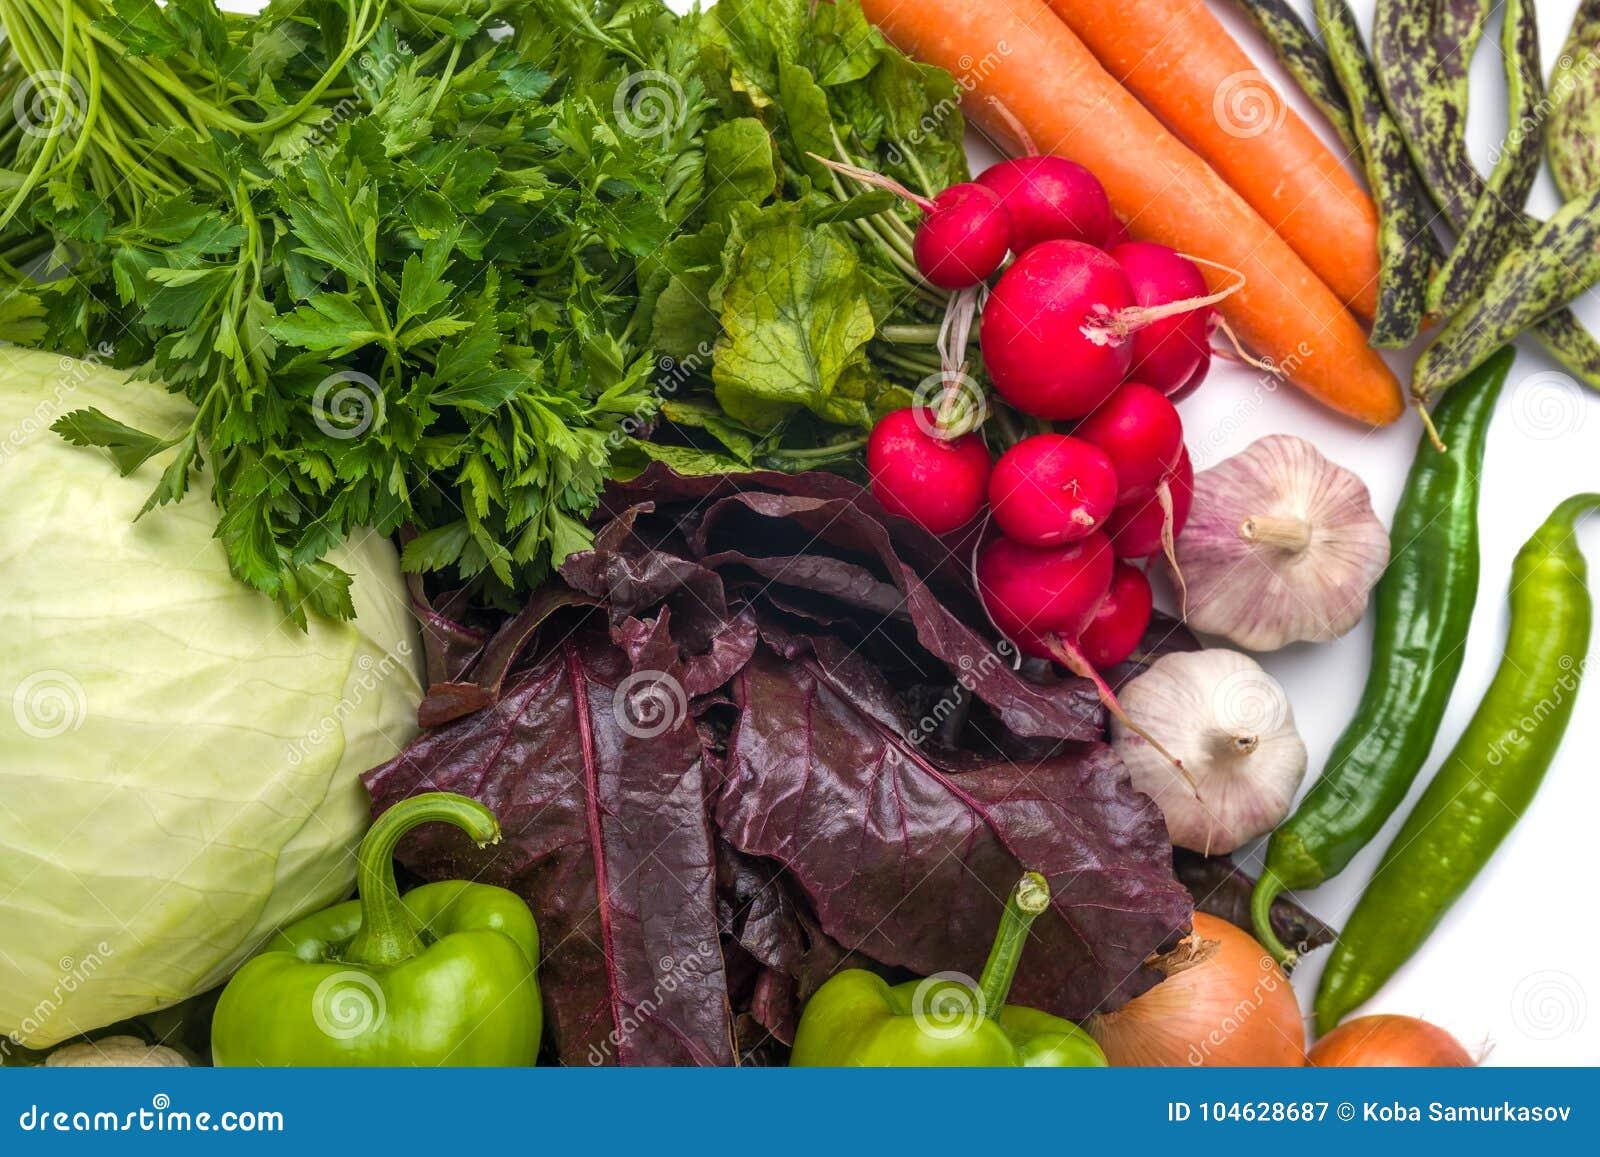 Download Sluit Omhoog Van Diverse Kleurrijke Rauwe Groenten Op Witte Achtergrond Stock Afbeelding - Afbeelding bestaande uit gezond, salade: 104628687